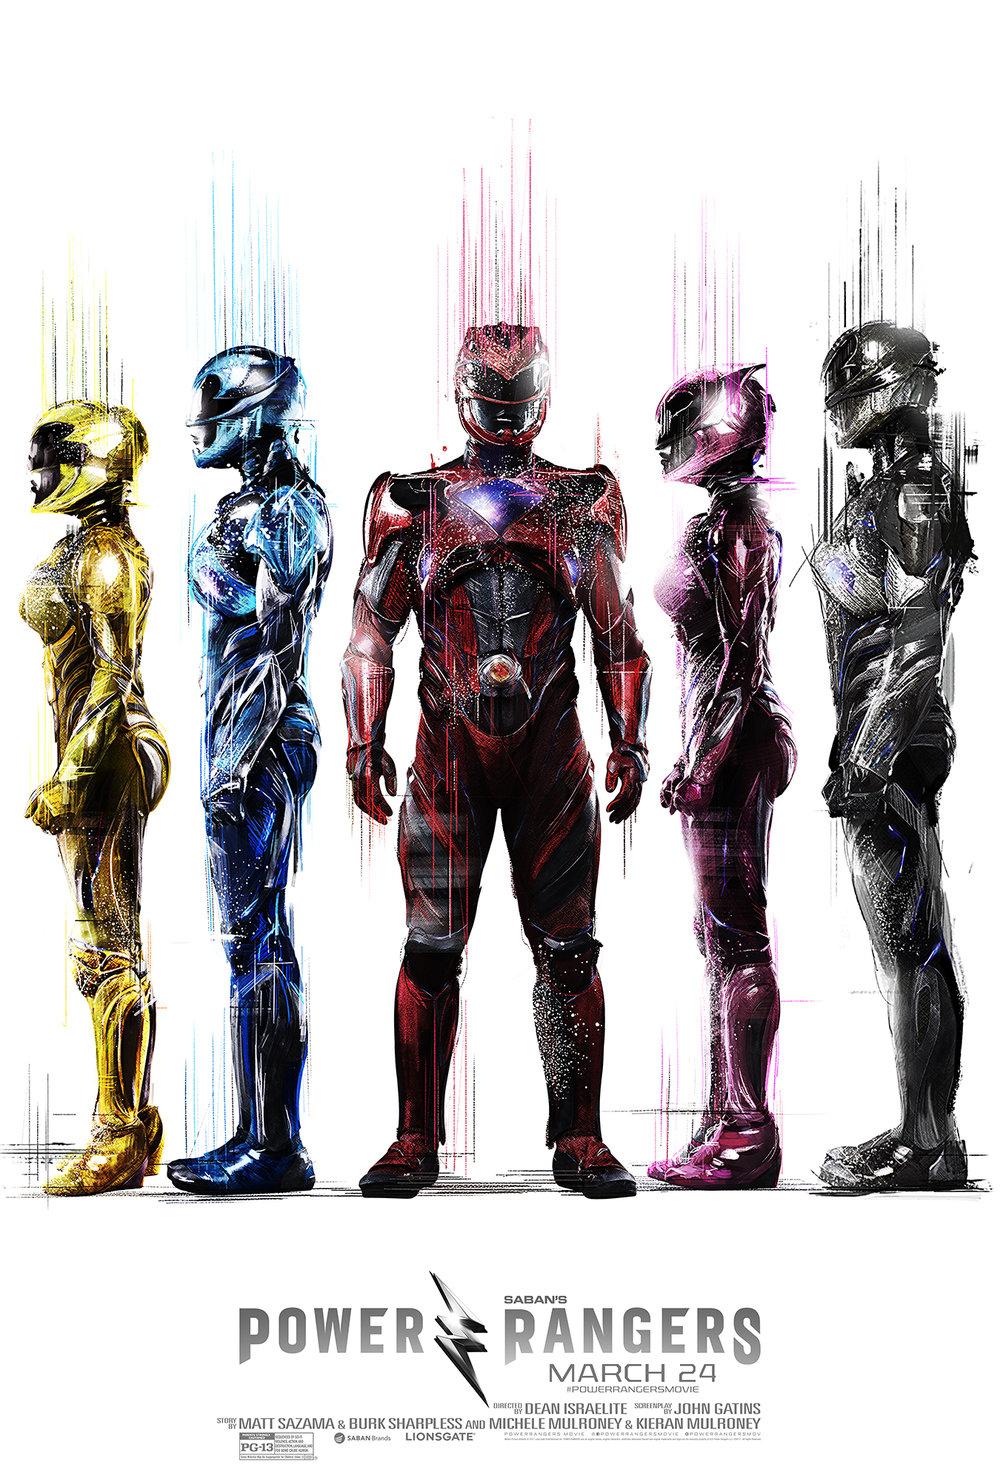 PowerRangers_1Sht_Illust_Online_Lineup_100dpi.jpg